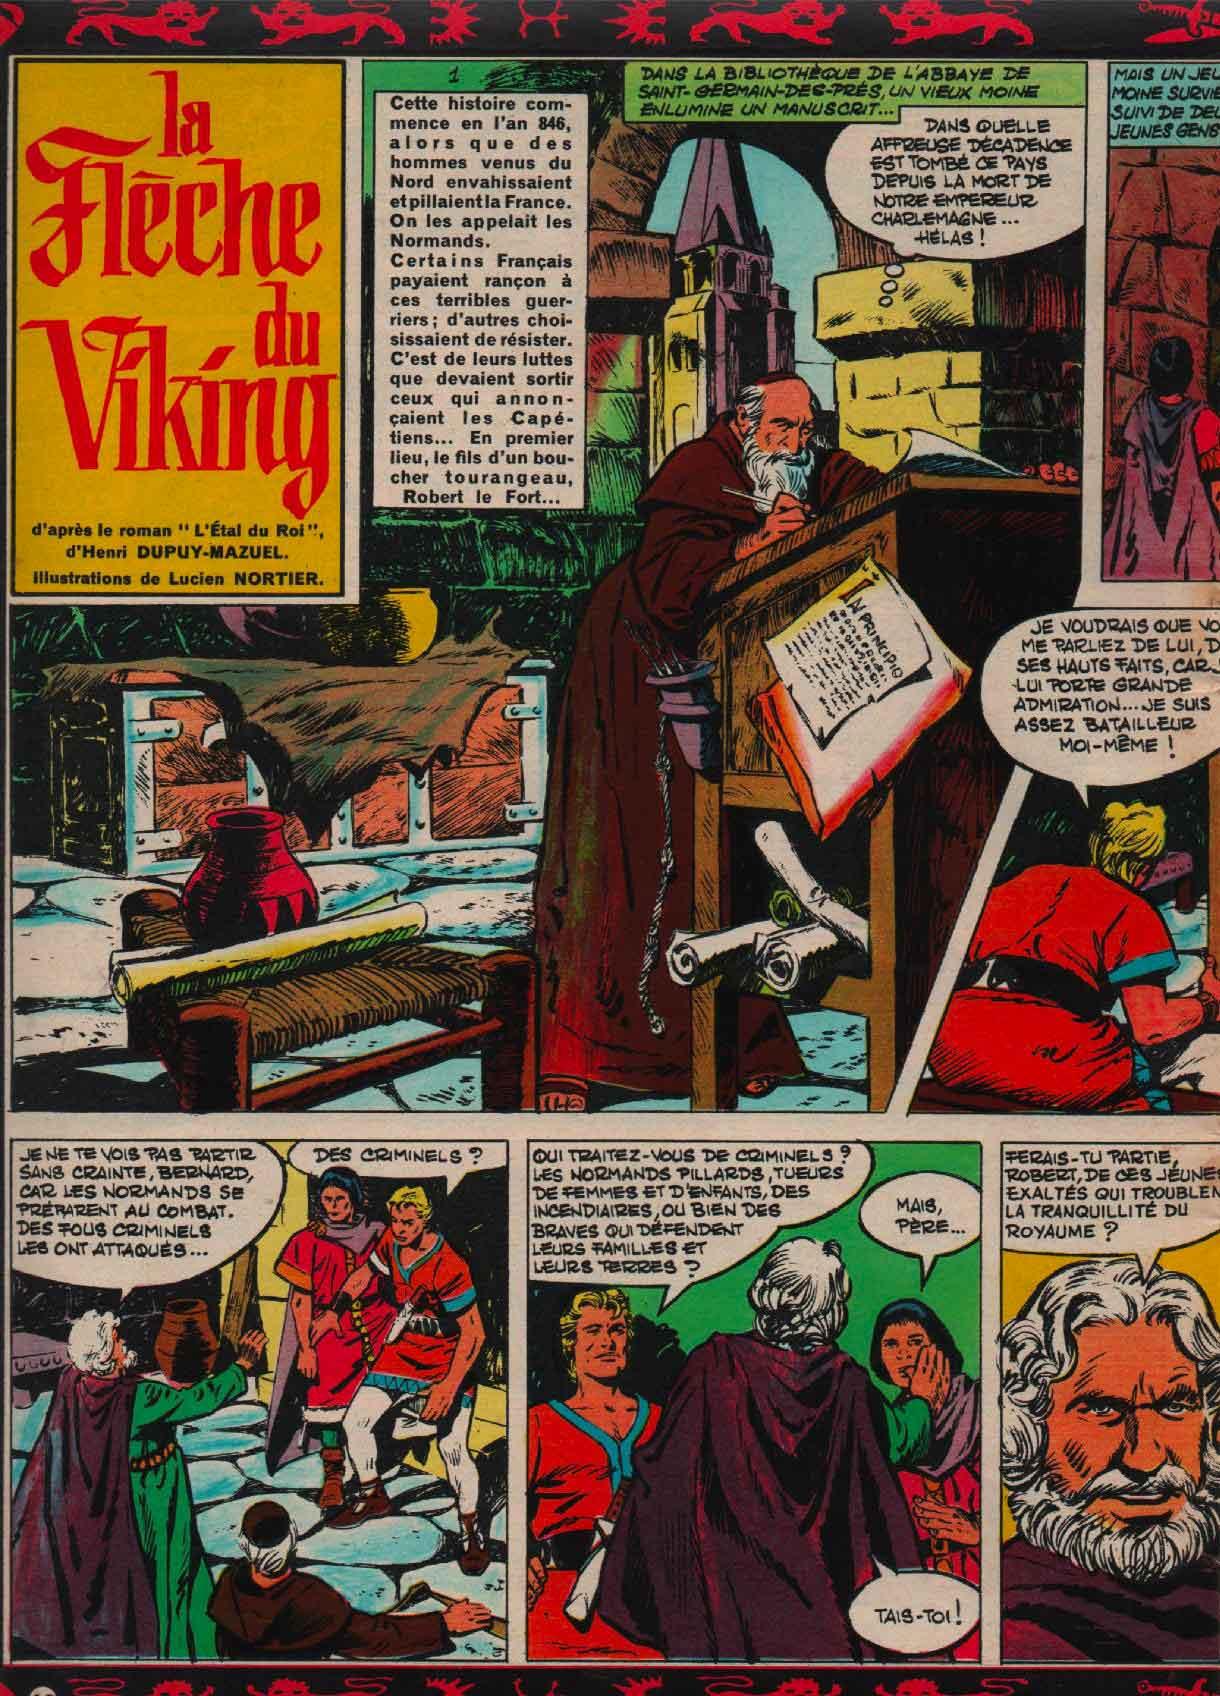 « La Flèche du Viking » Journal de Mickey n° 891 (13/07/1969).